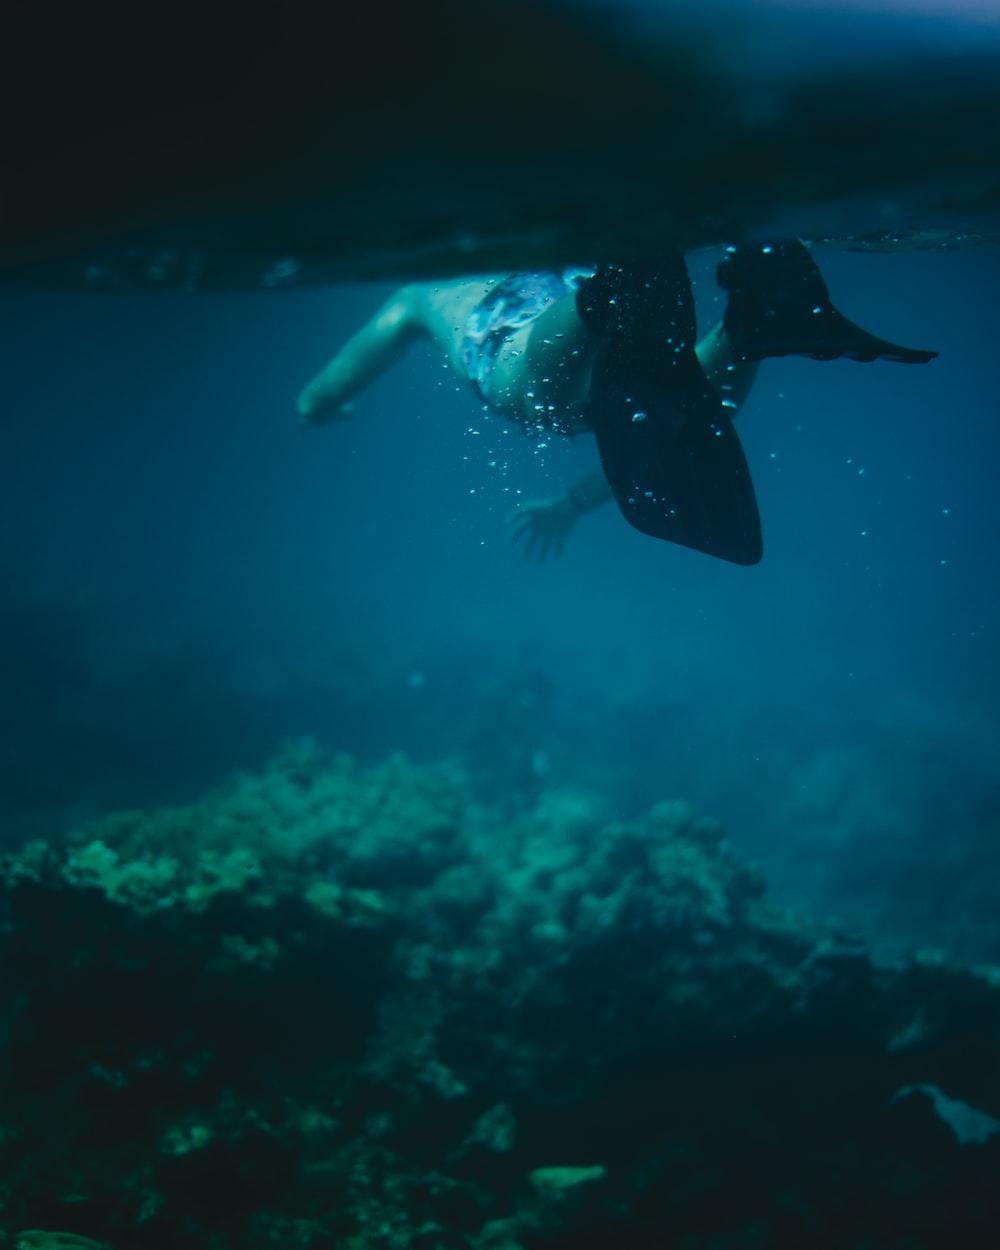 man in black flippers in body of water